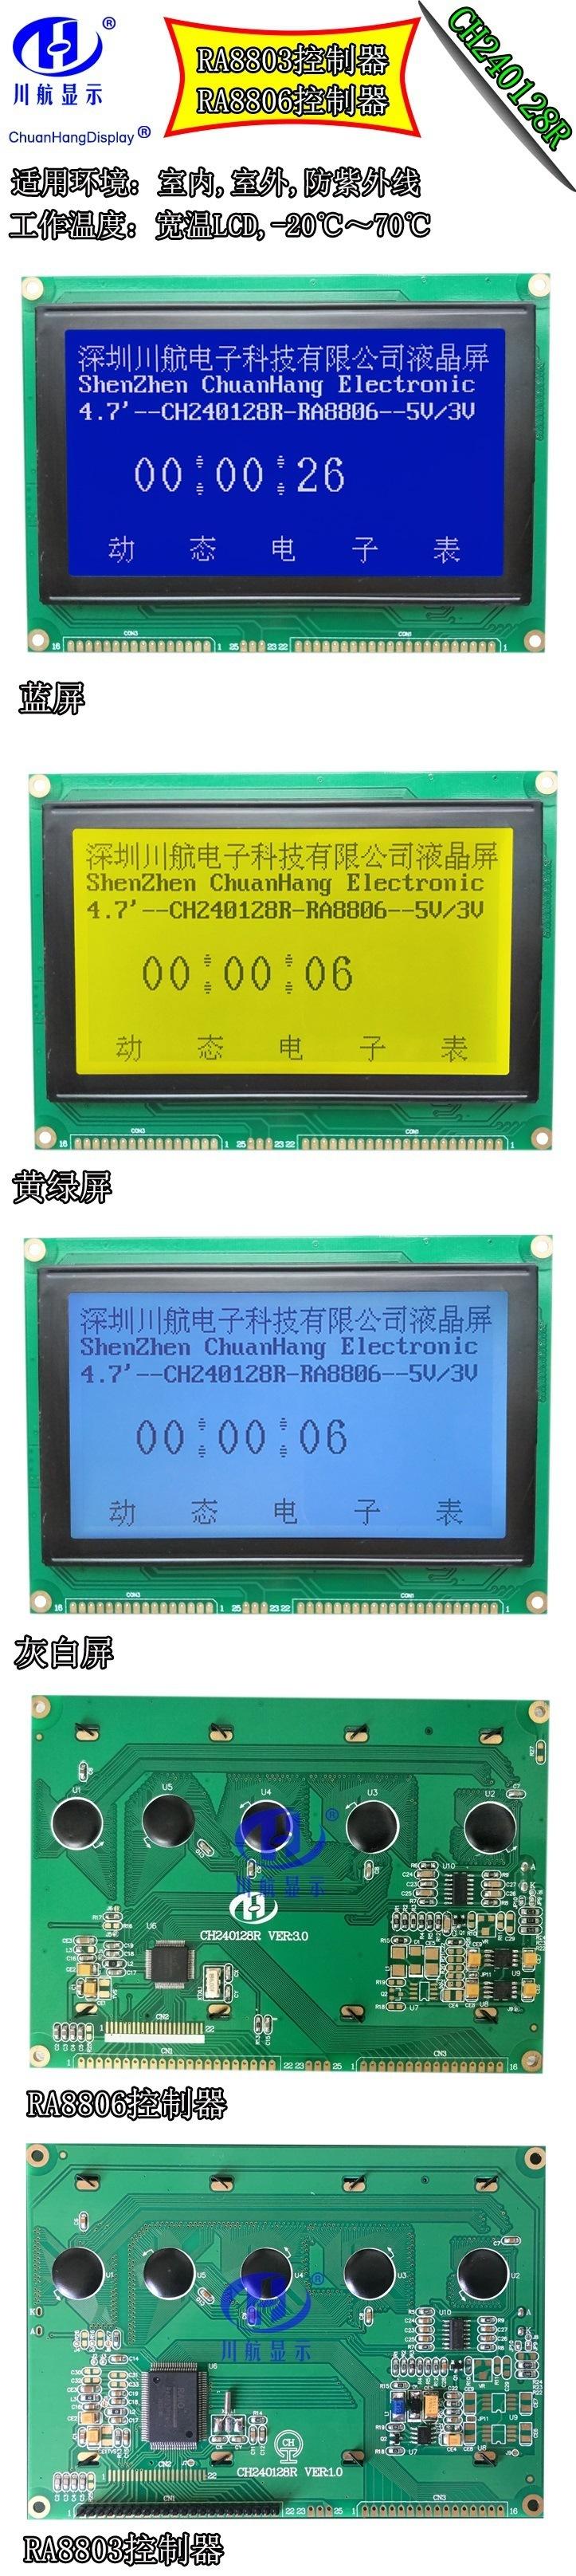 CH240128R參數說明 (2)